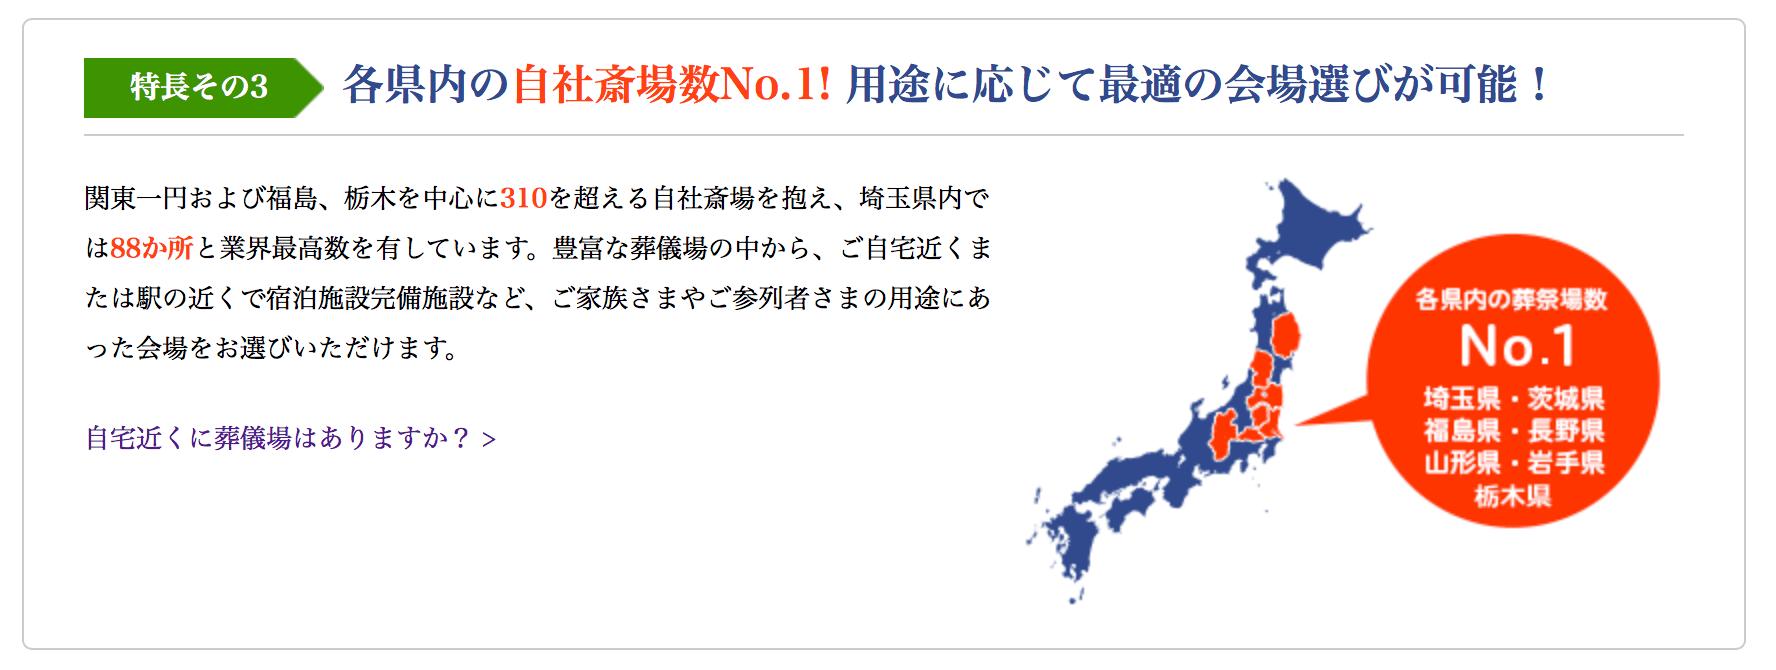 埼玉、北関東、東北を中心に展開する大手葬儀社